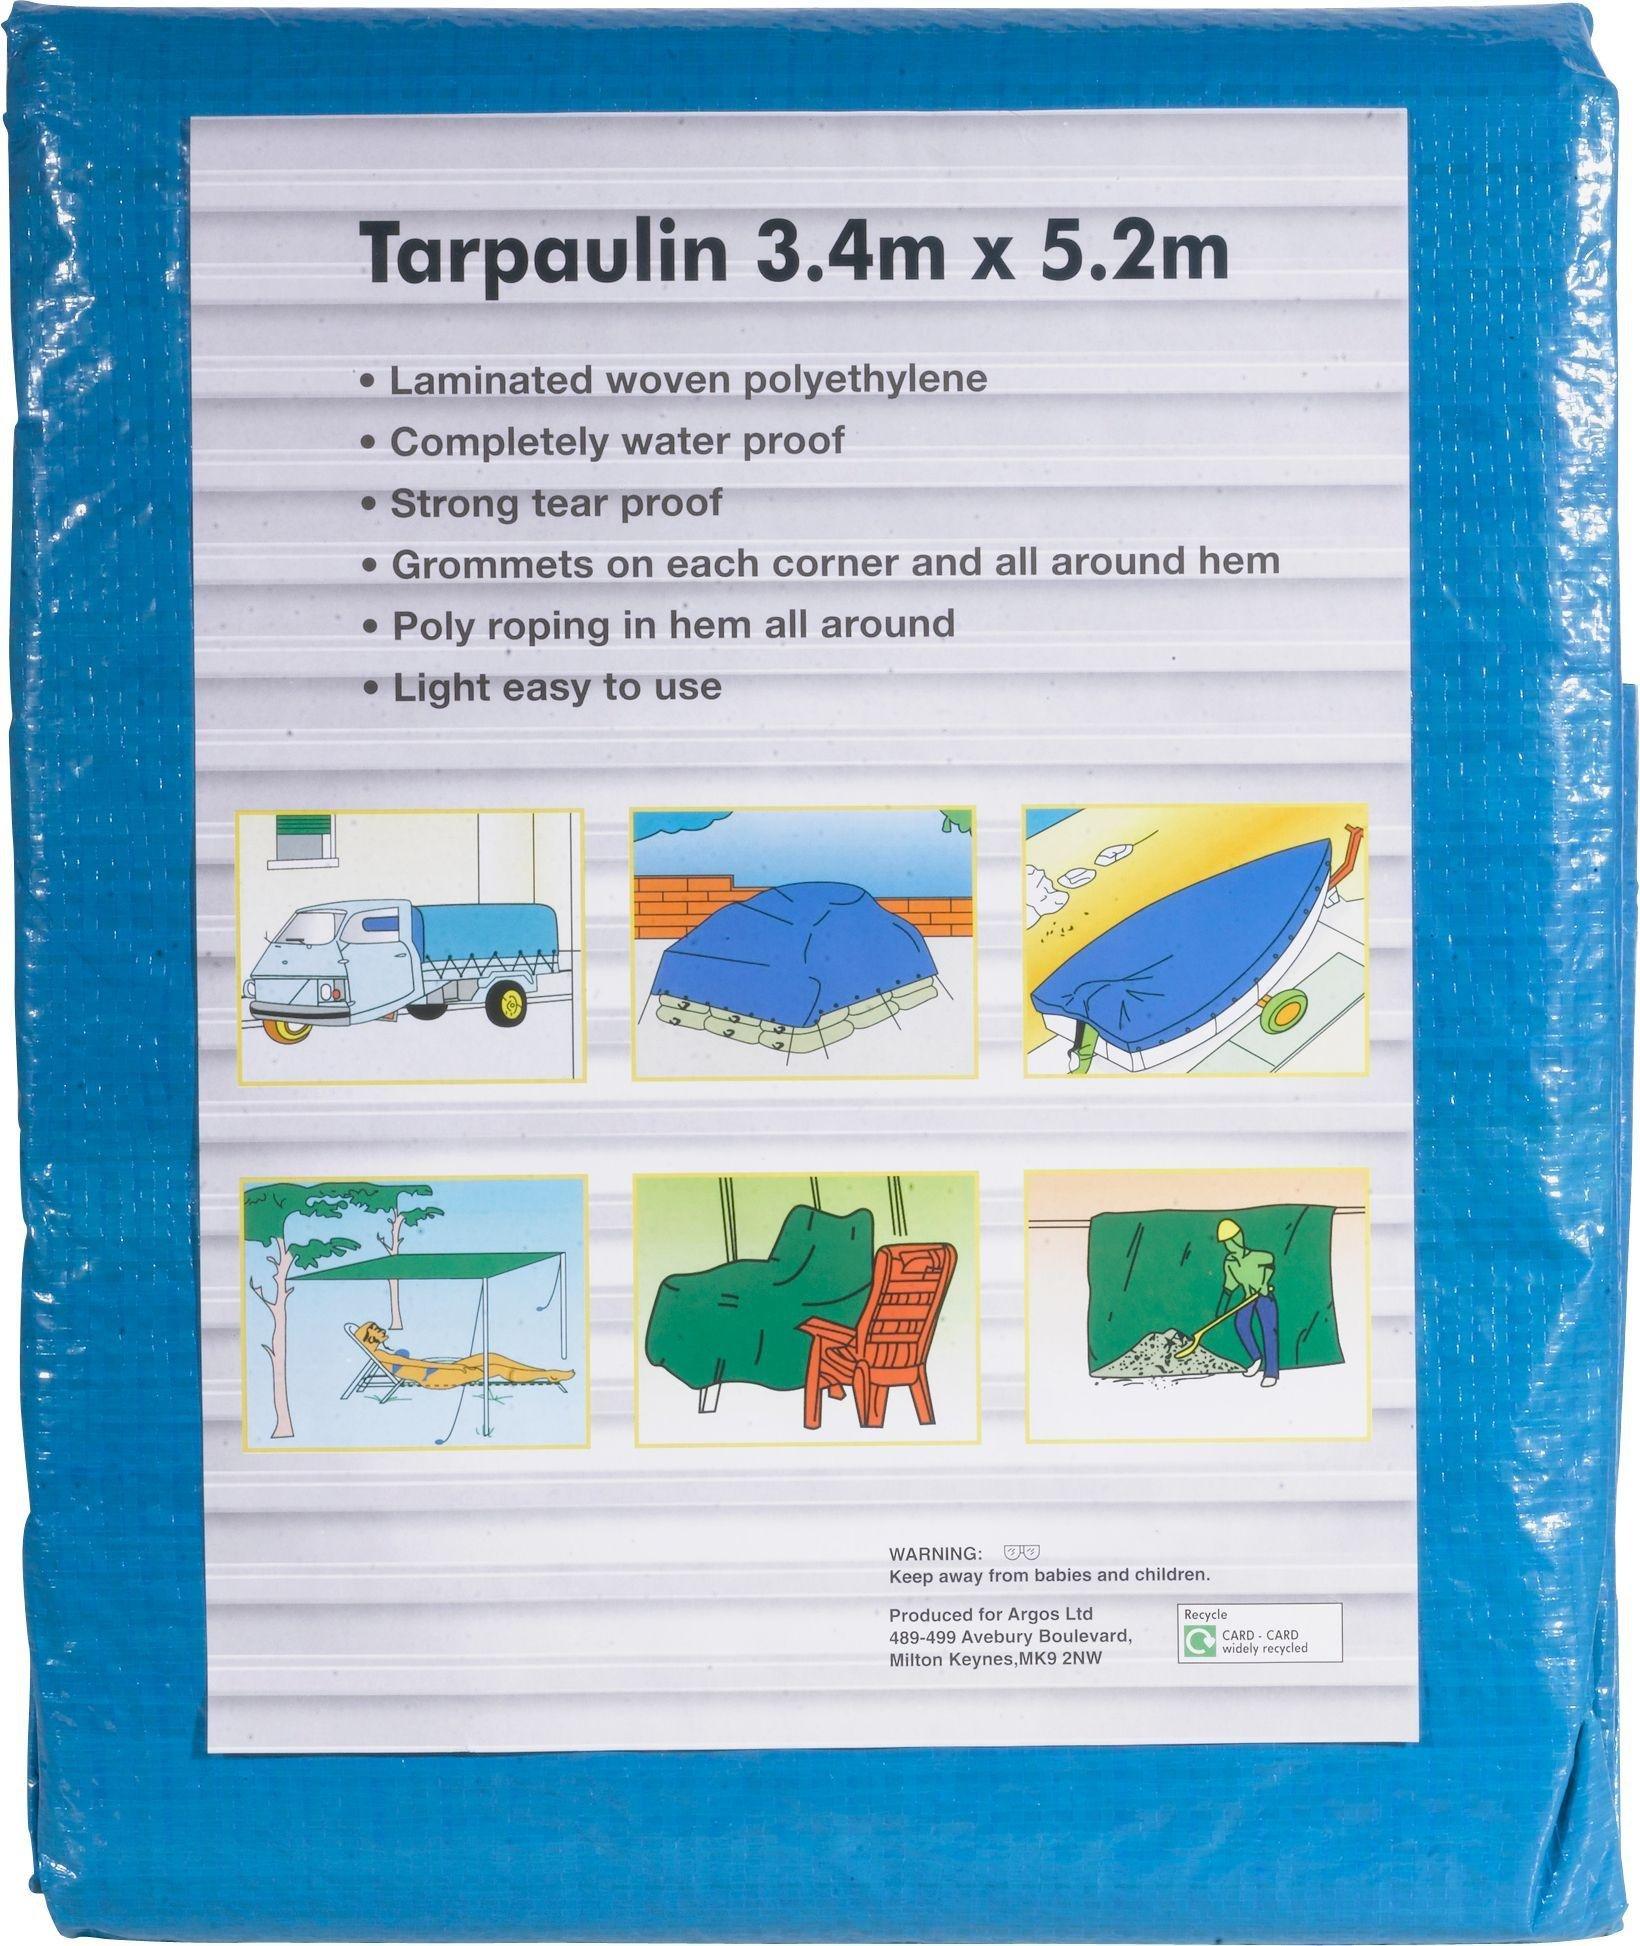 3.4m x 5.2m Tarpaulin